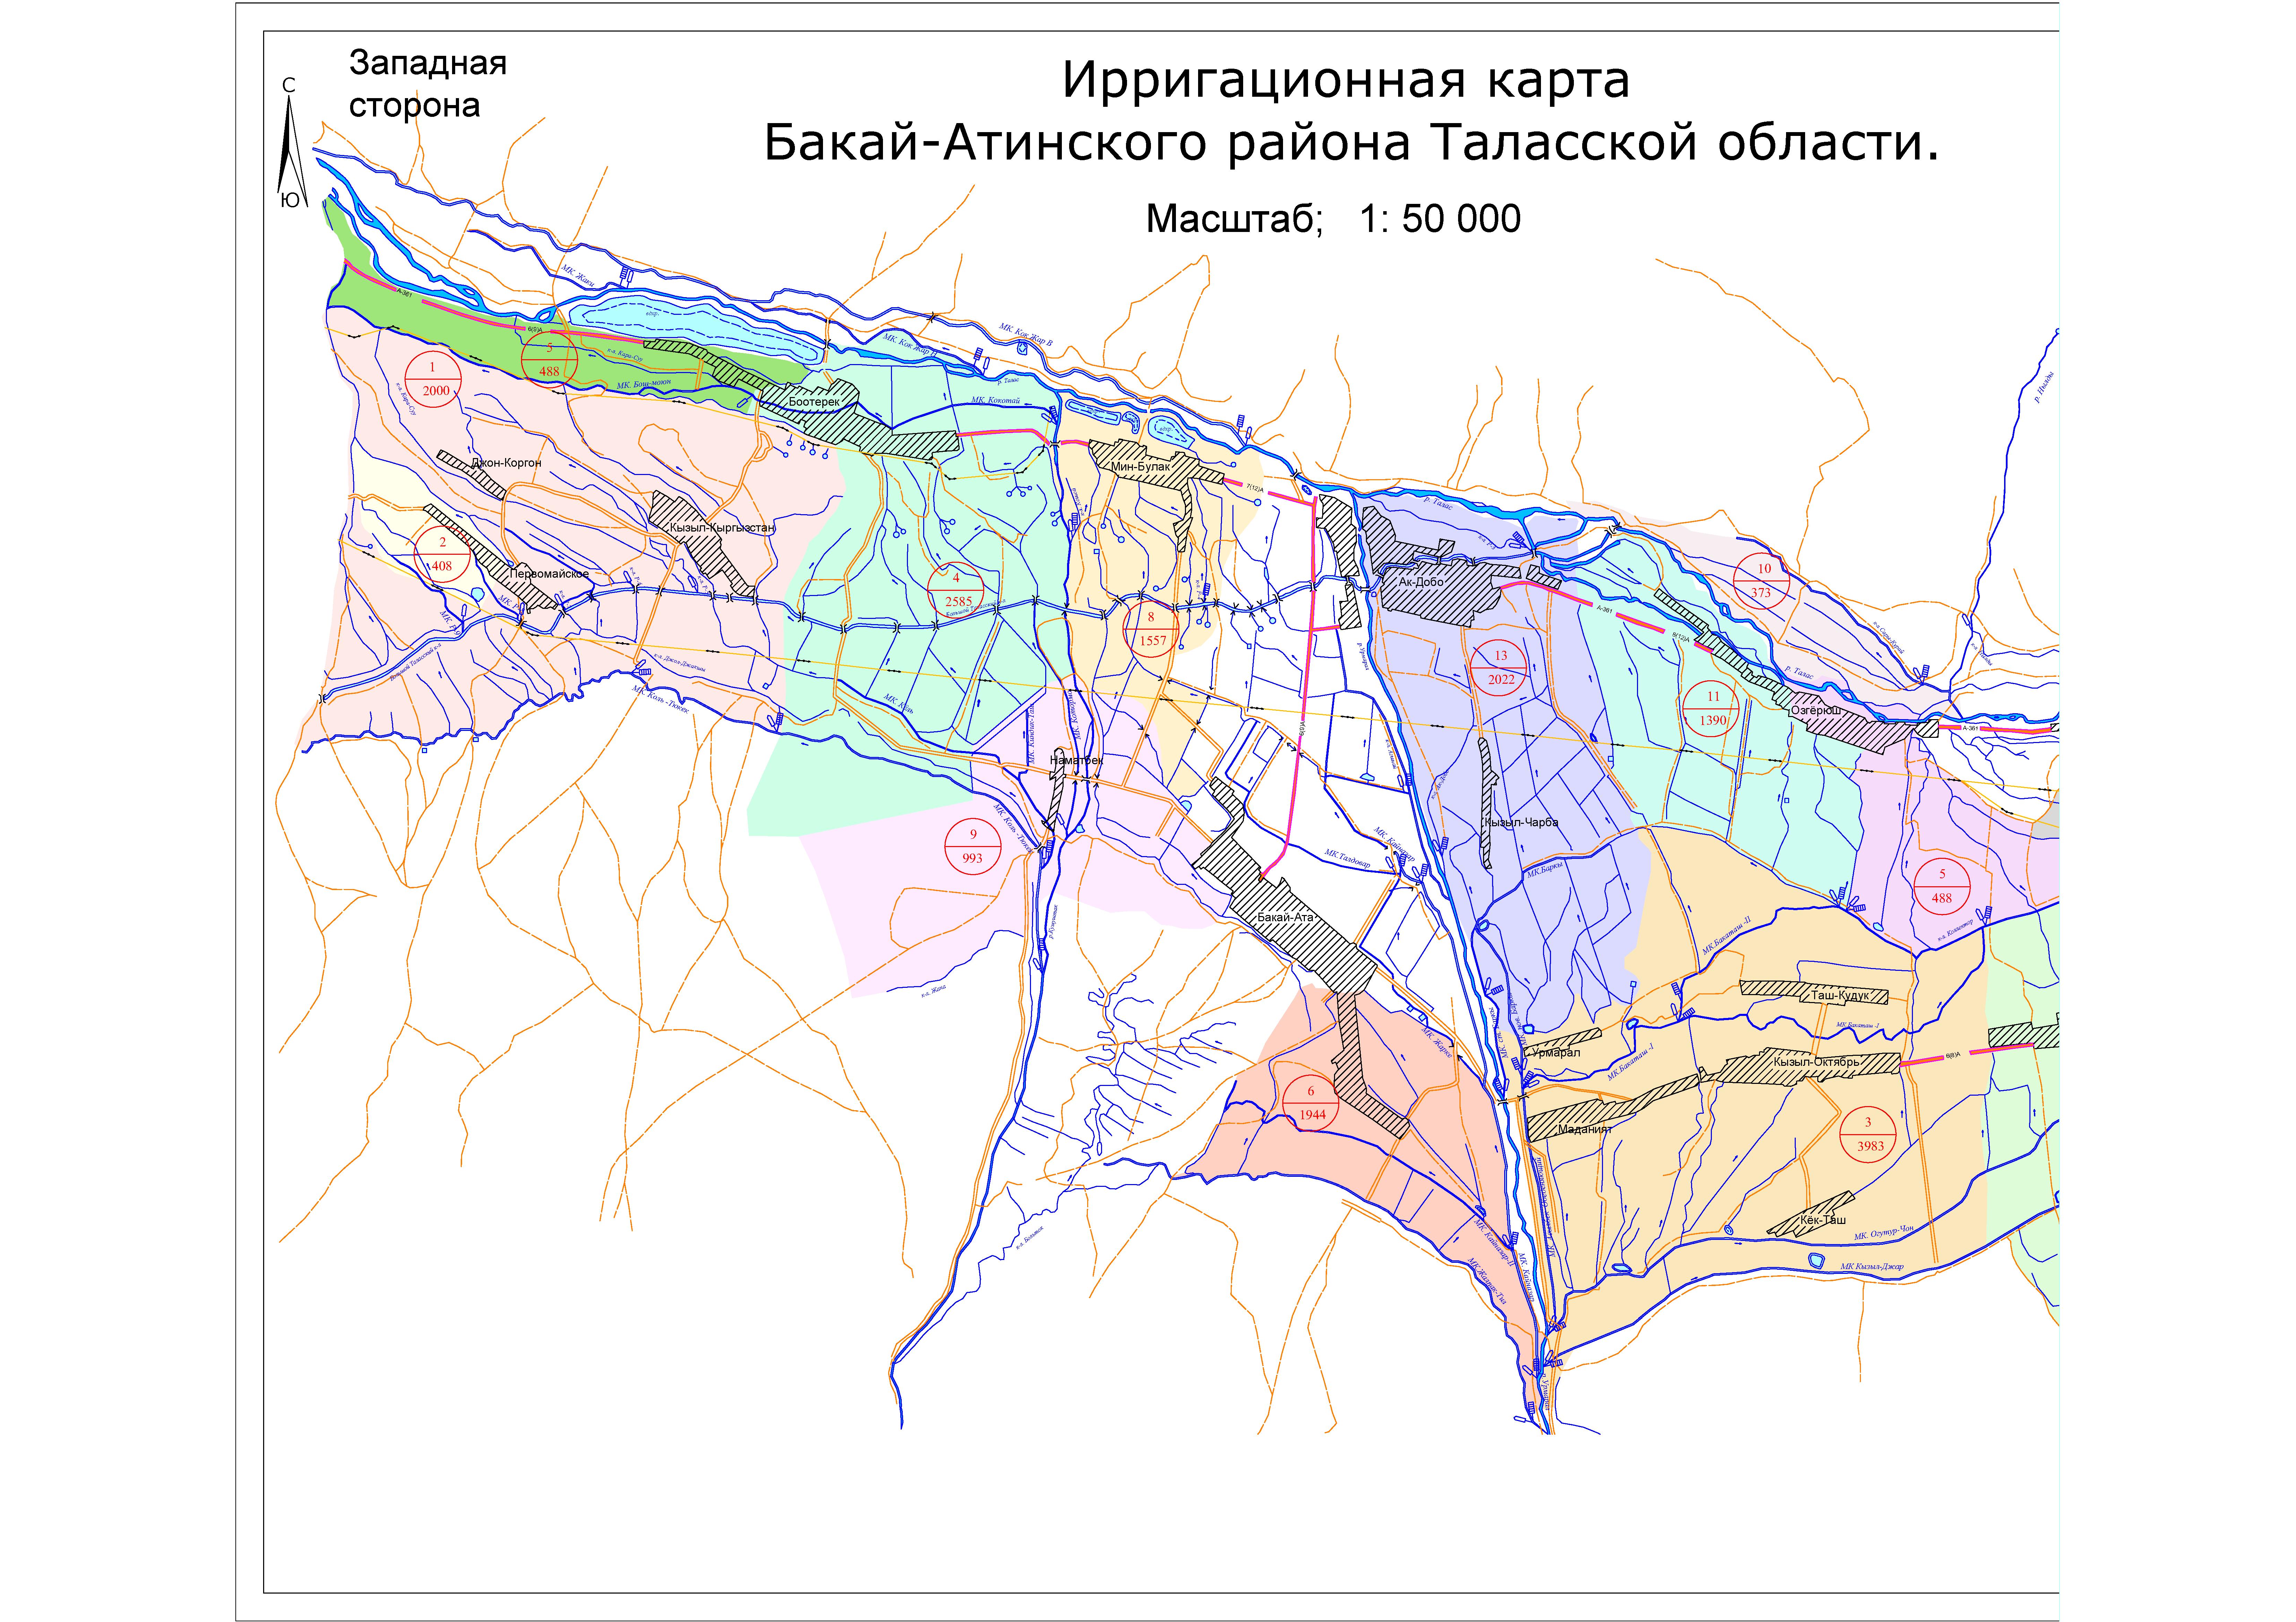 Бакай-Атинский район-Западная сторона